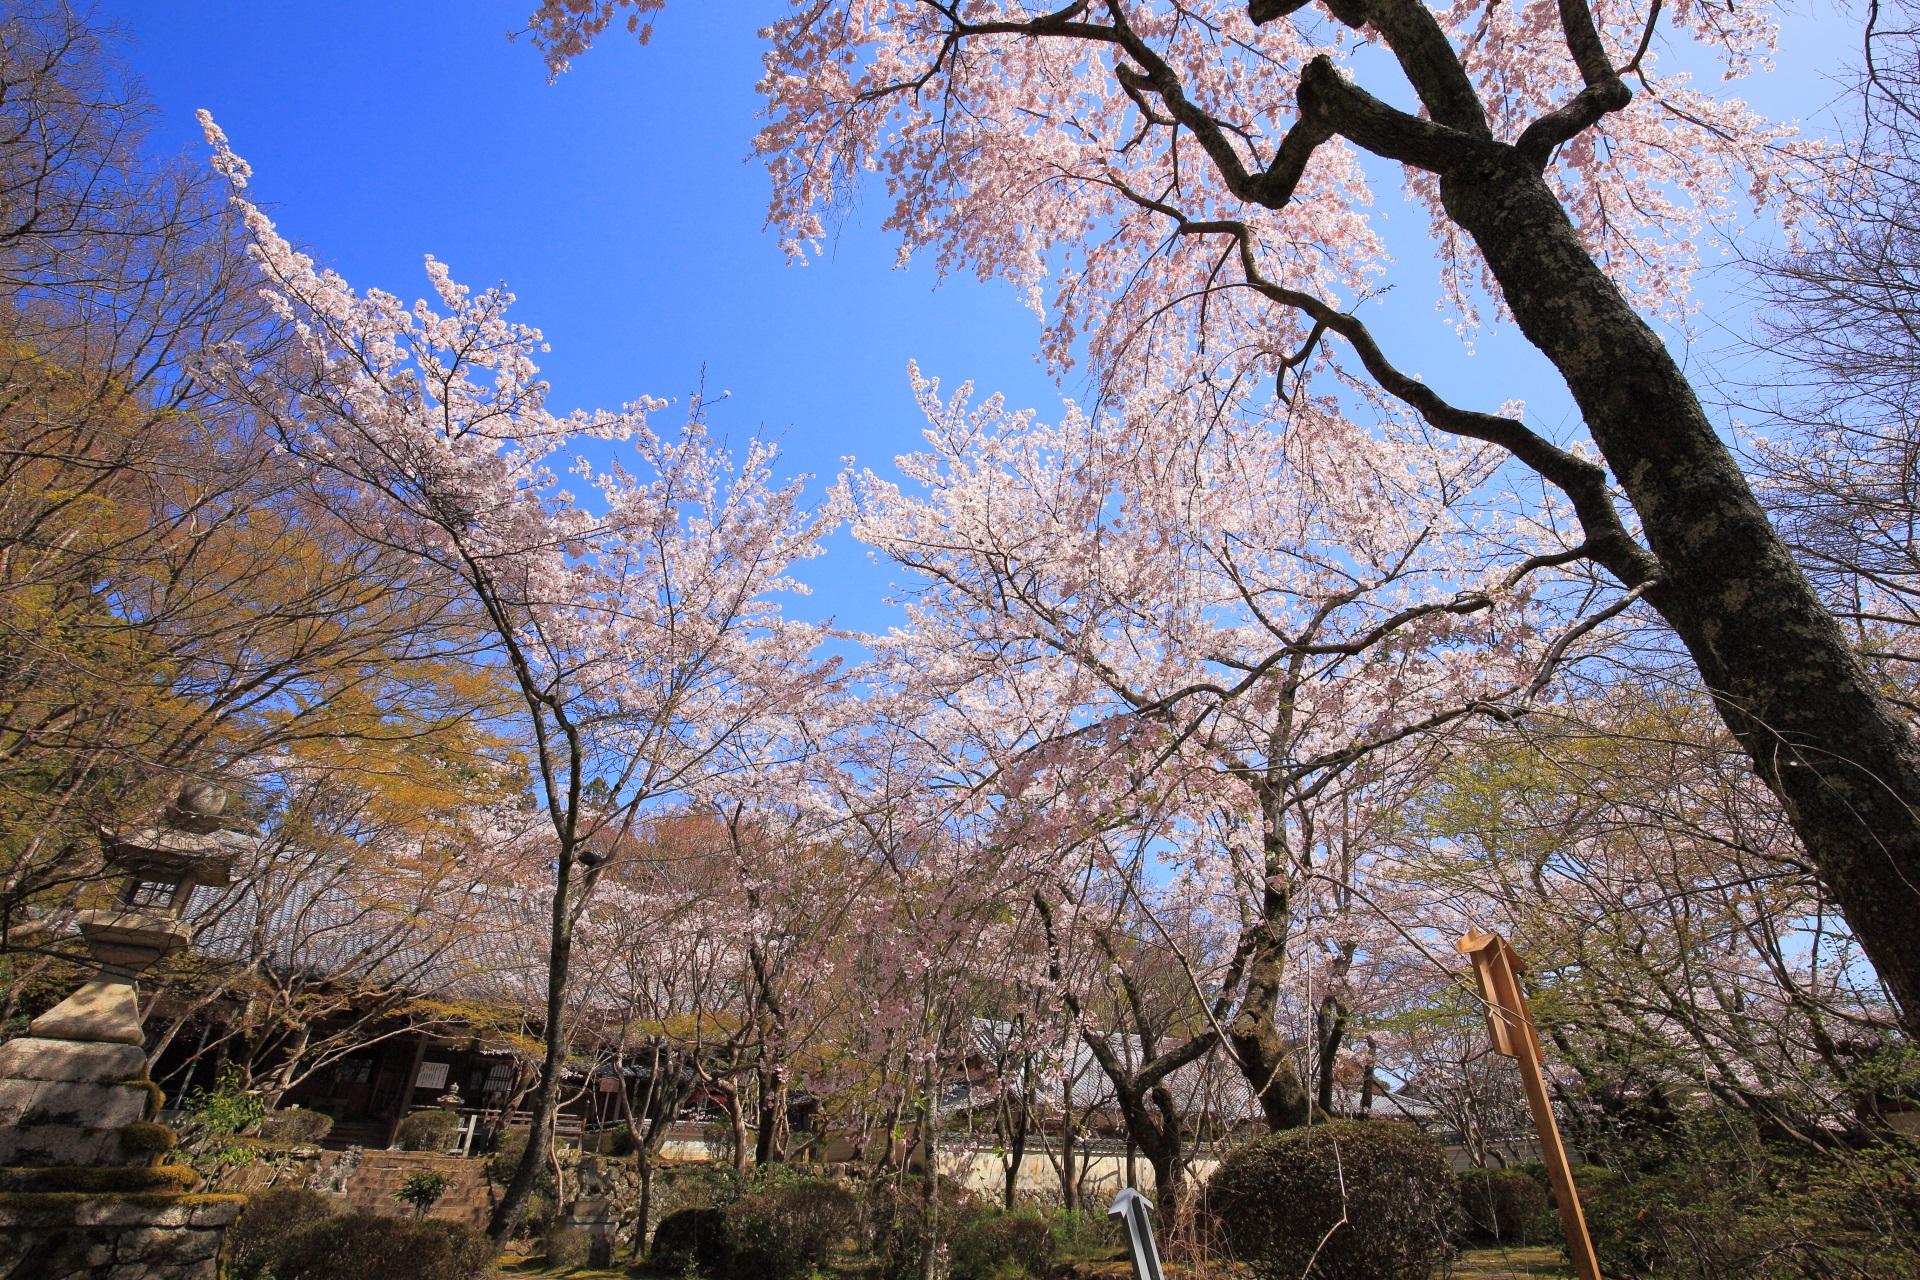 青空から降り注ぐ西行桜と阿弥陀堂や瑠璃光堂